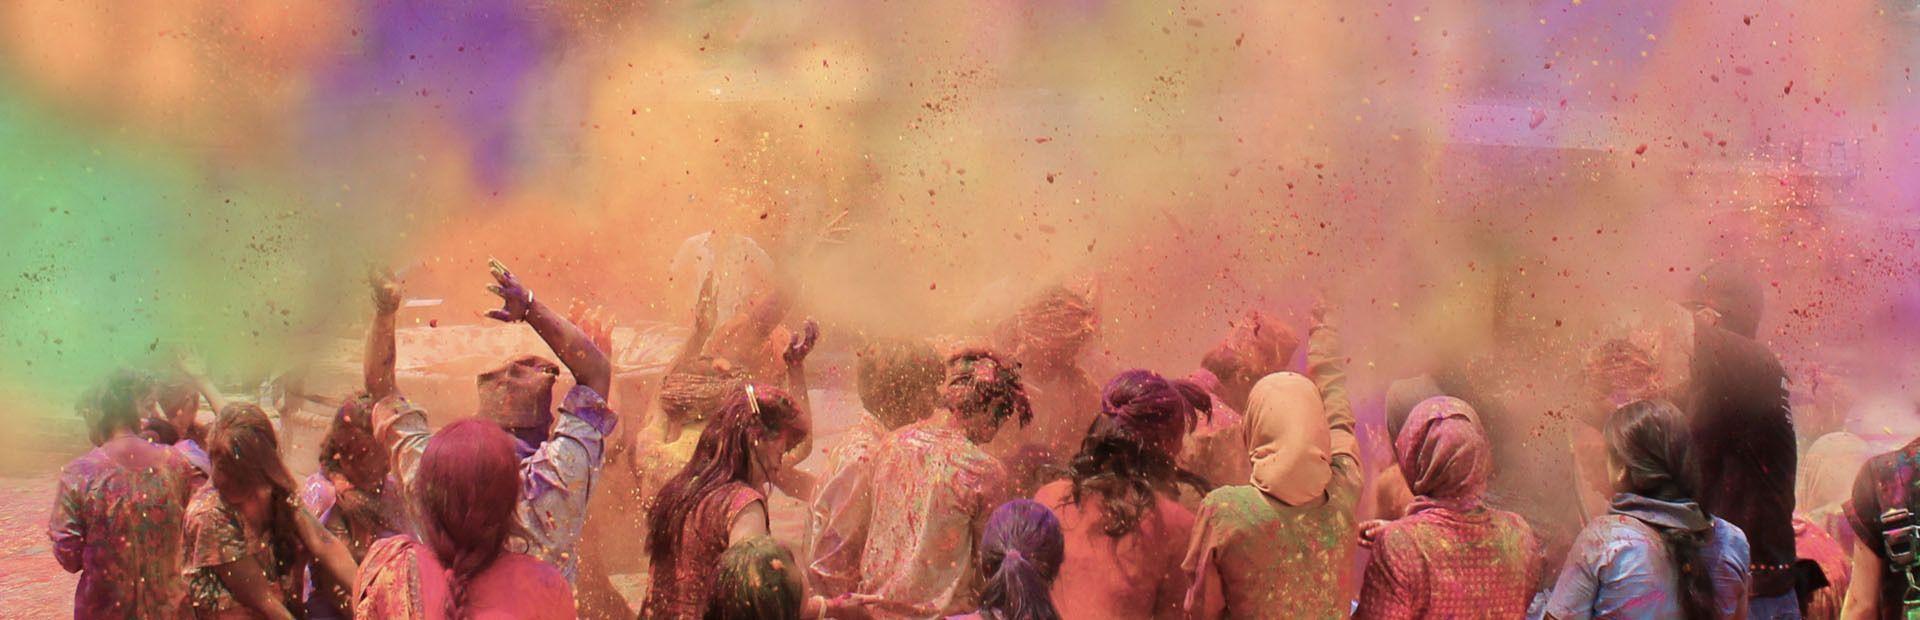 India: i colori dell'Holi Festival